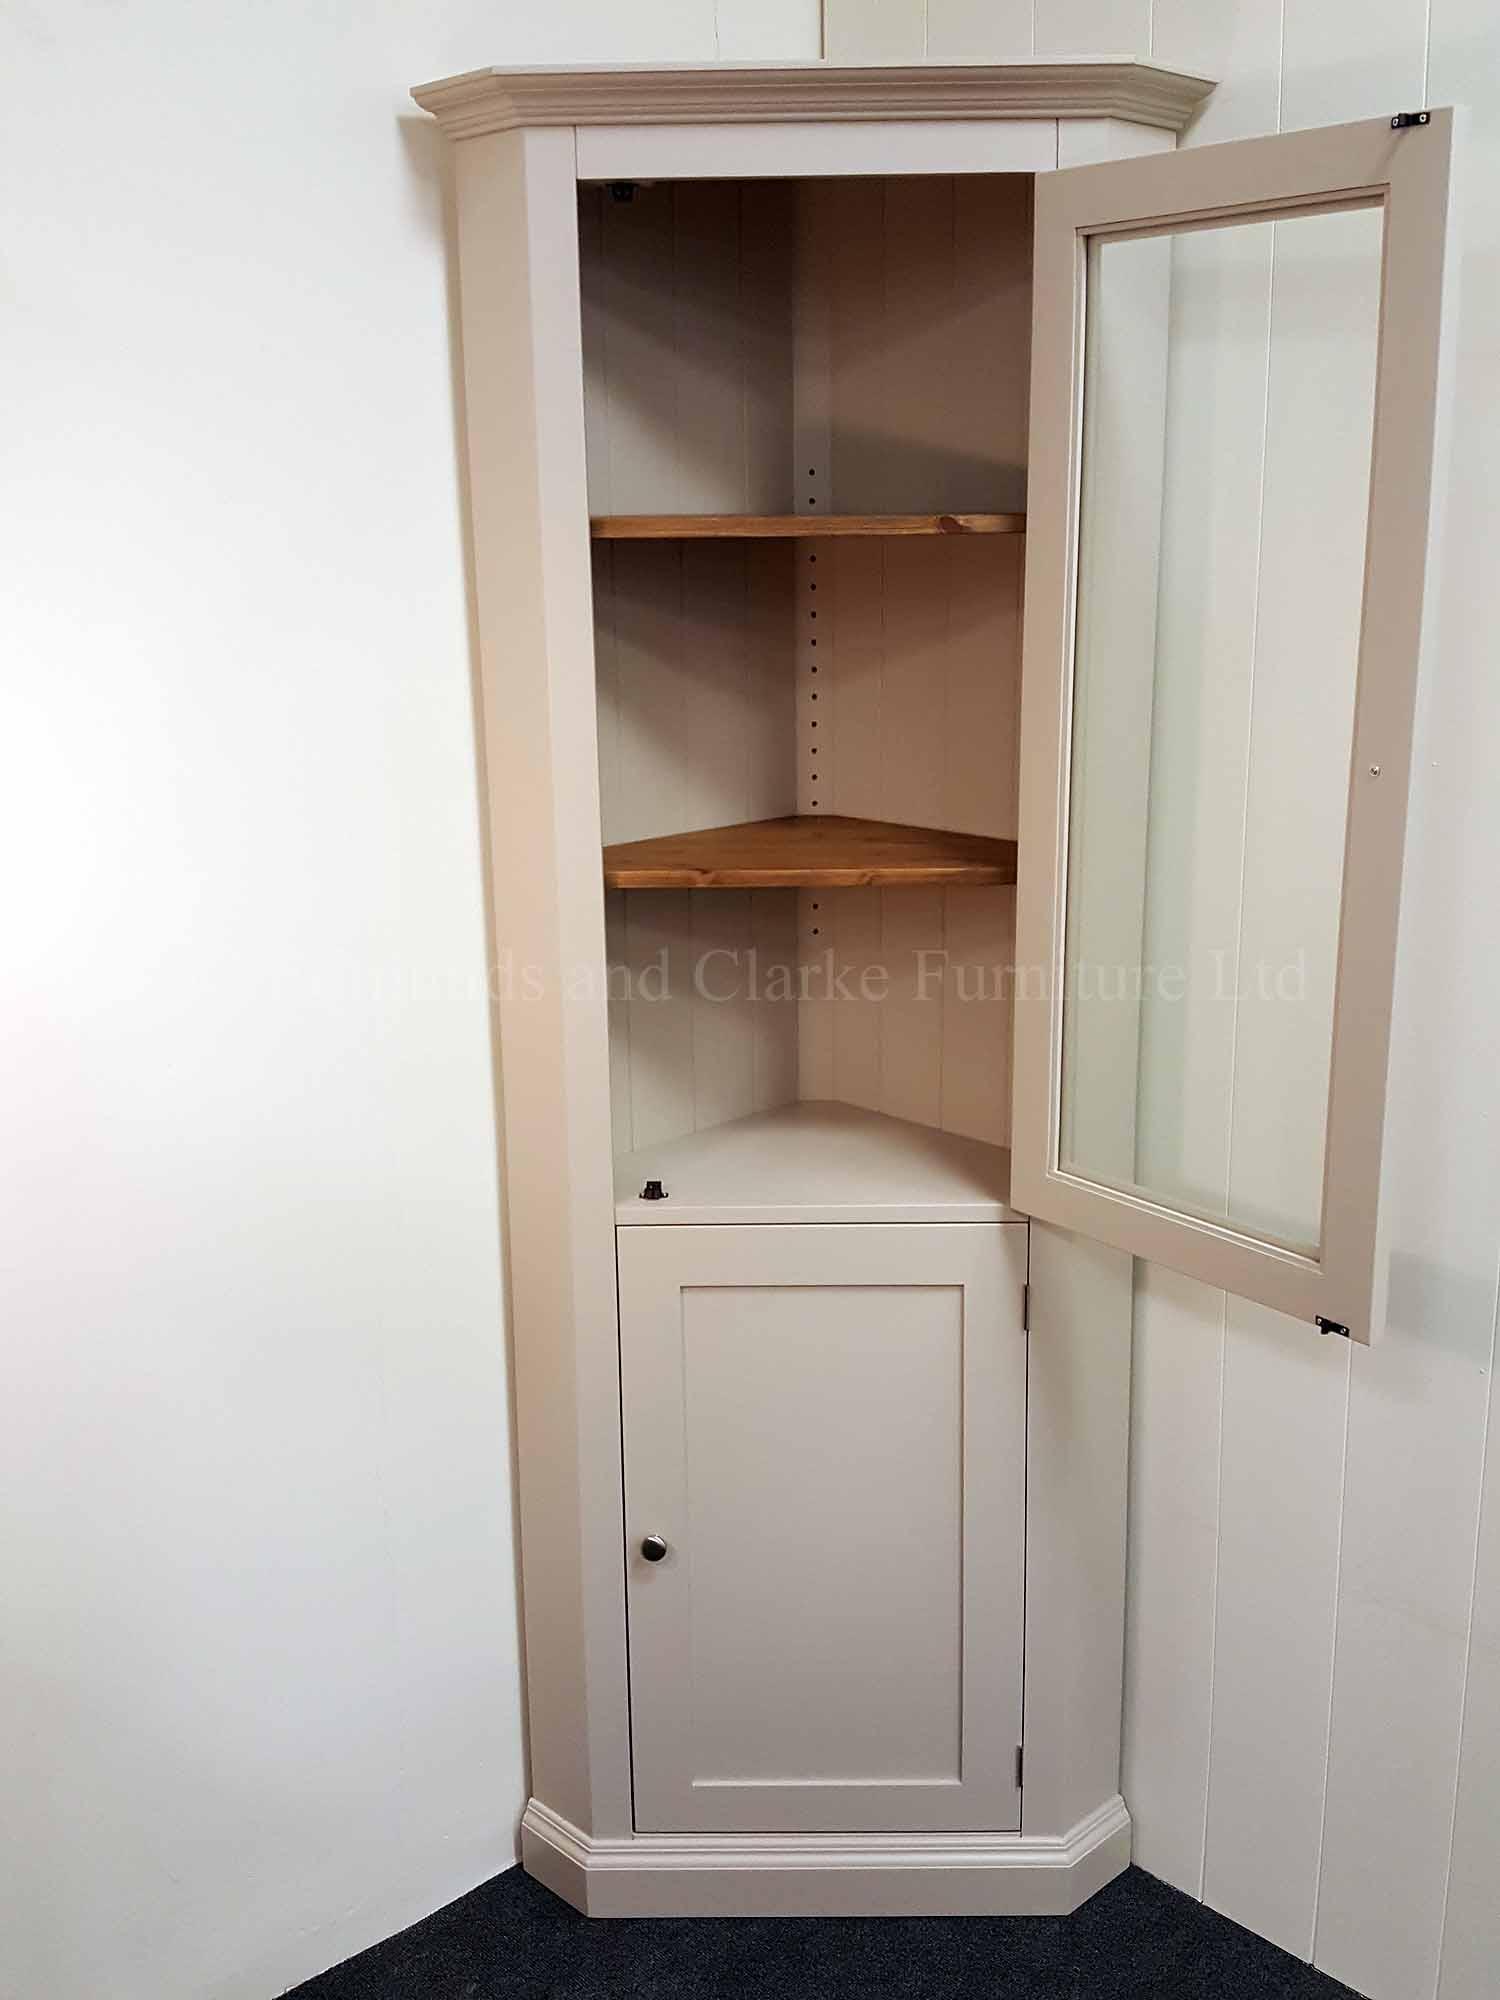 Edmunds full length painted corner cupboard with glazed door and paneled door below